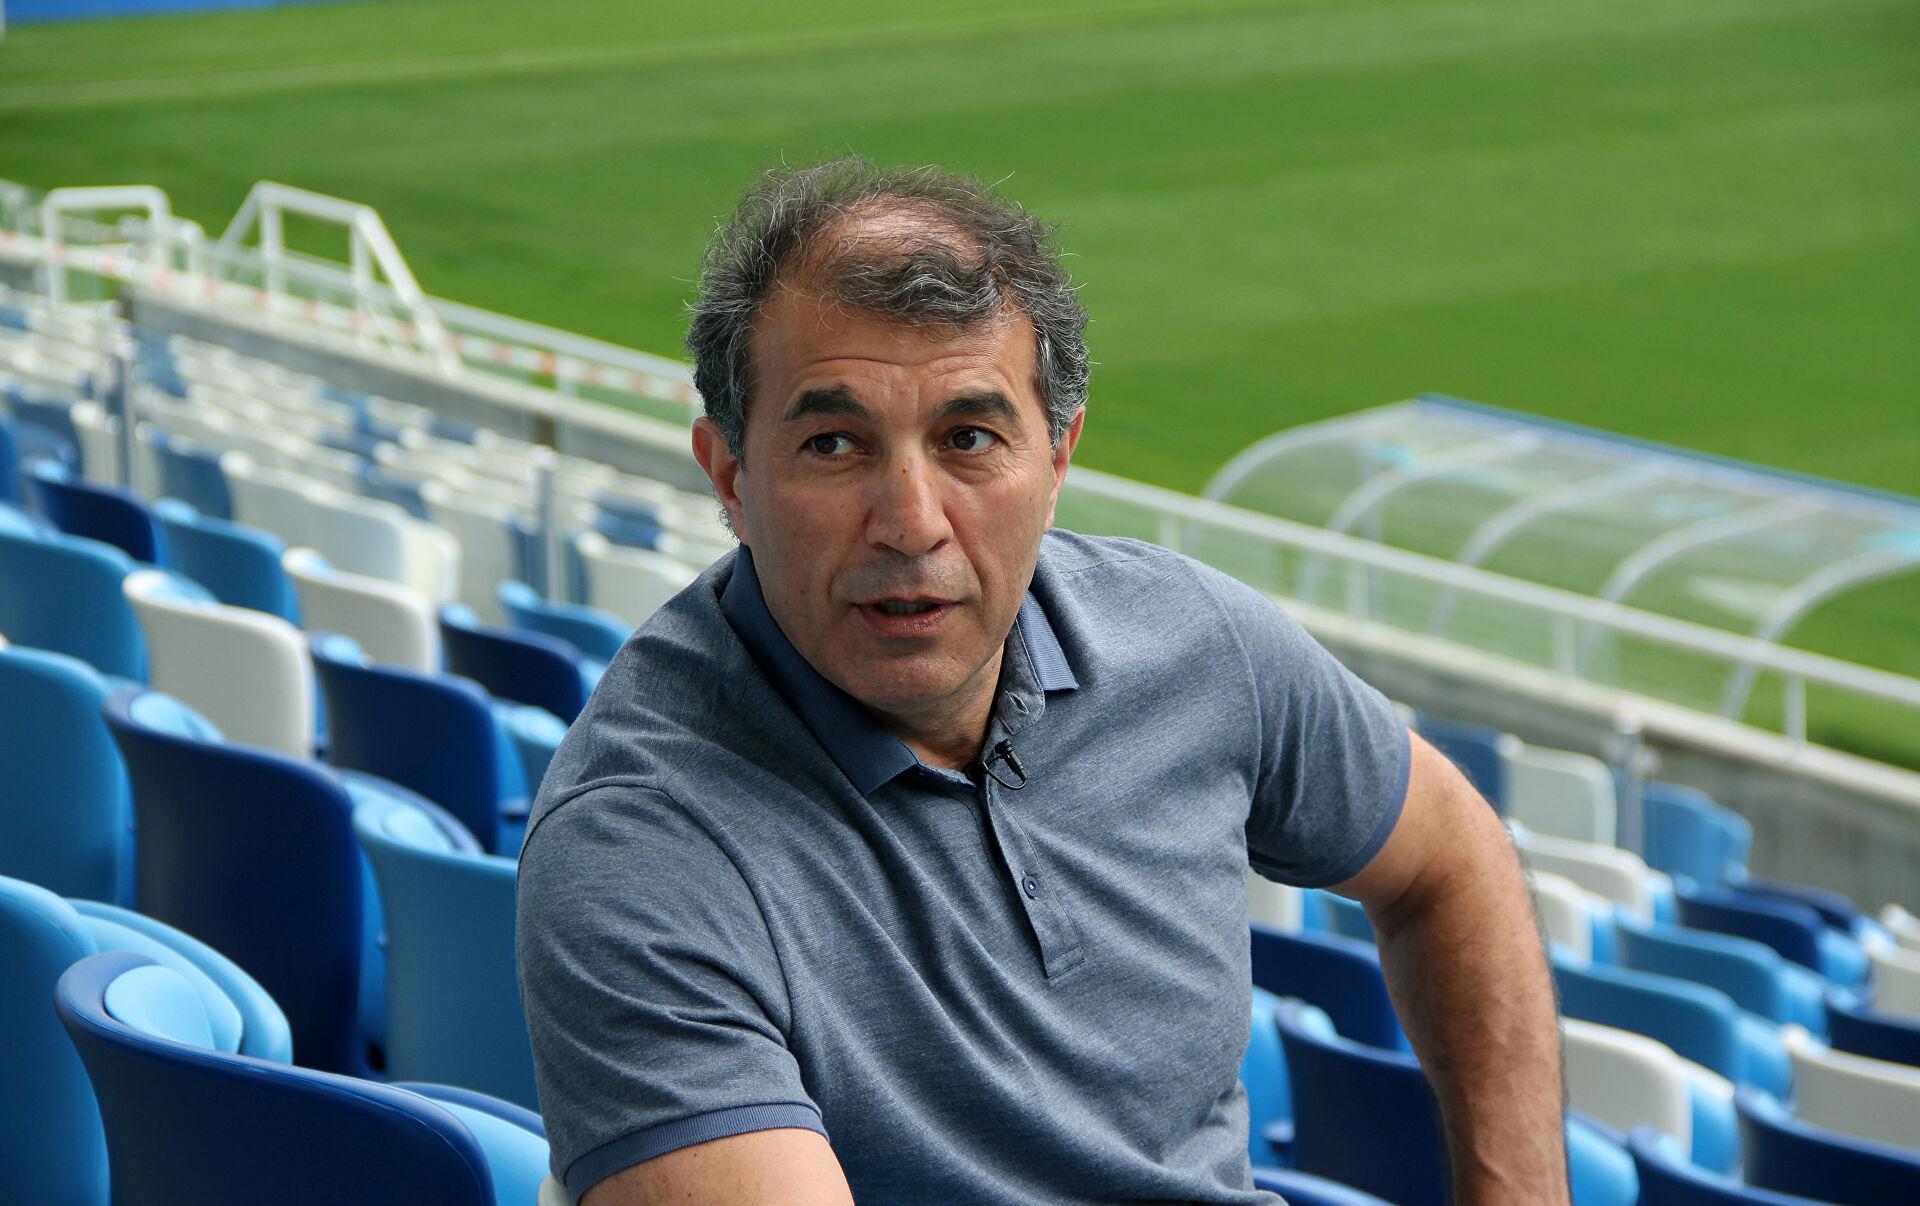 Рашид Рахимов ответил на критику со стороны игроков «Уфы» - фото